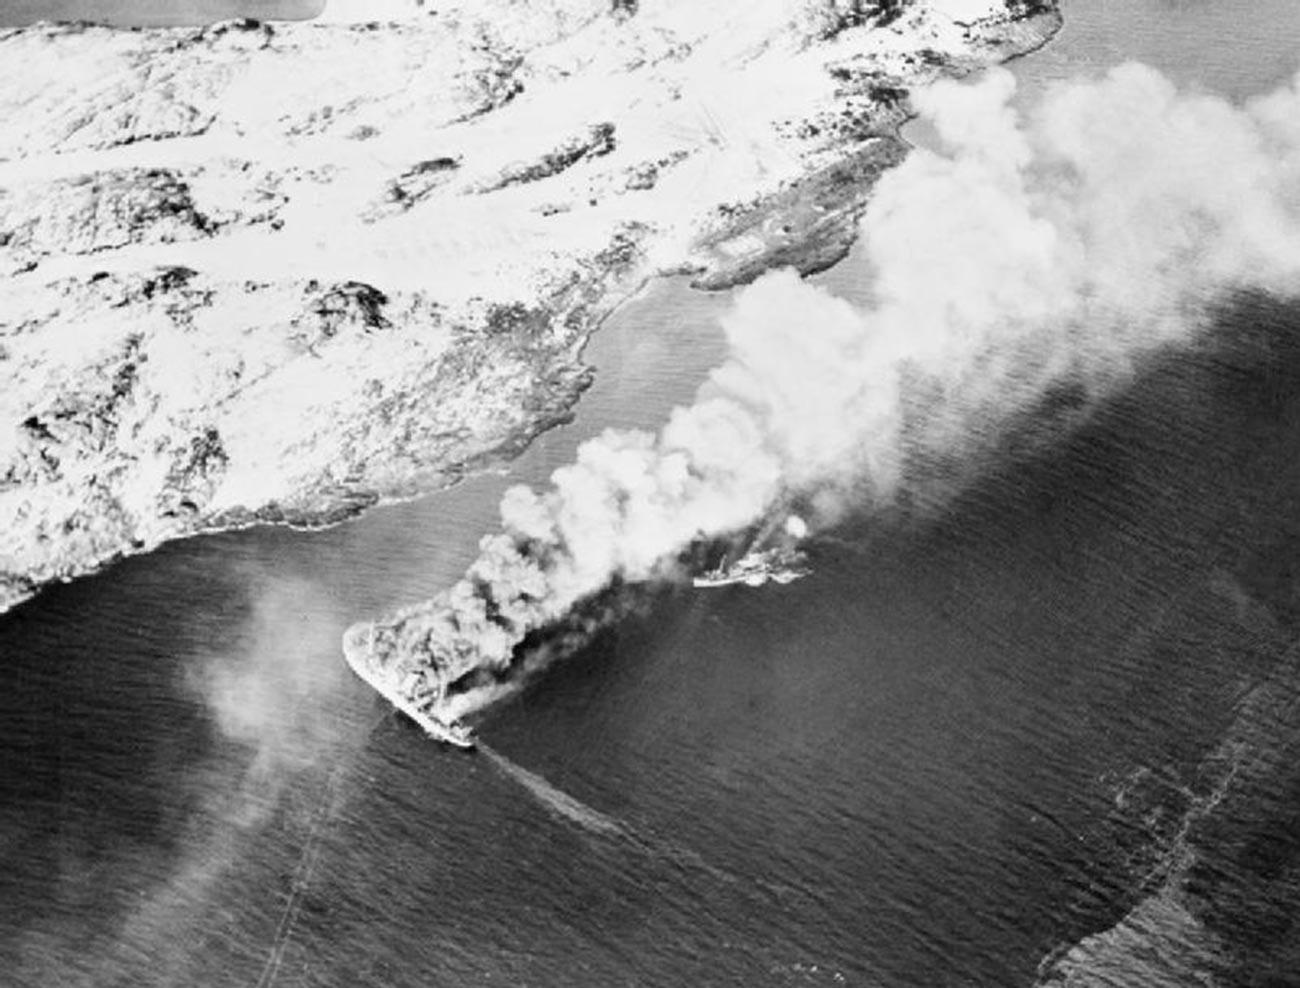 Товарниот брод Ригел кој беше во служба на германската армија и патролни чамци од него во пламен по бомбардирањето.